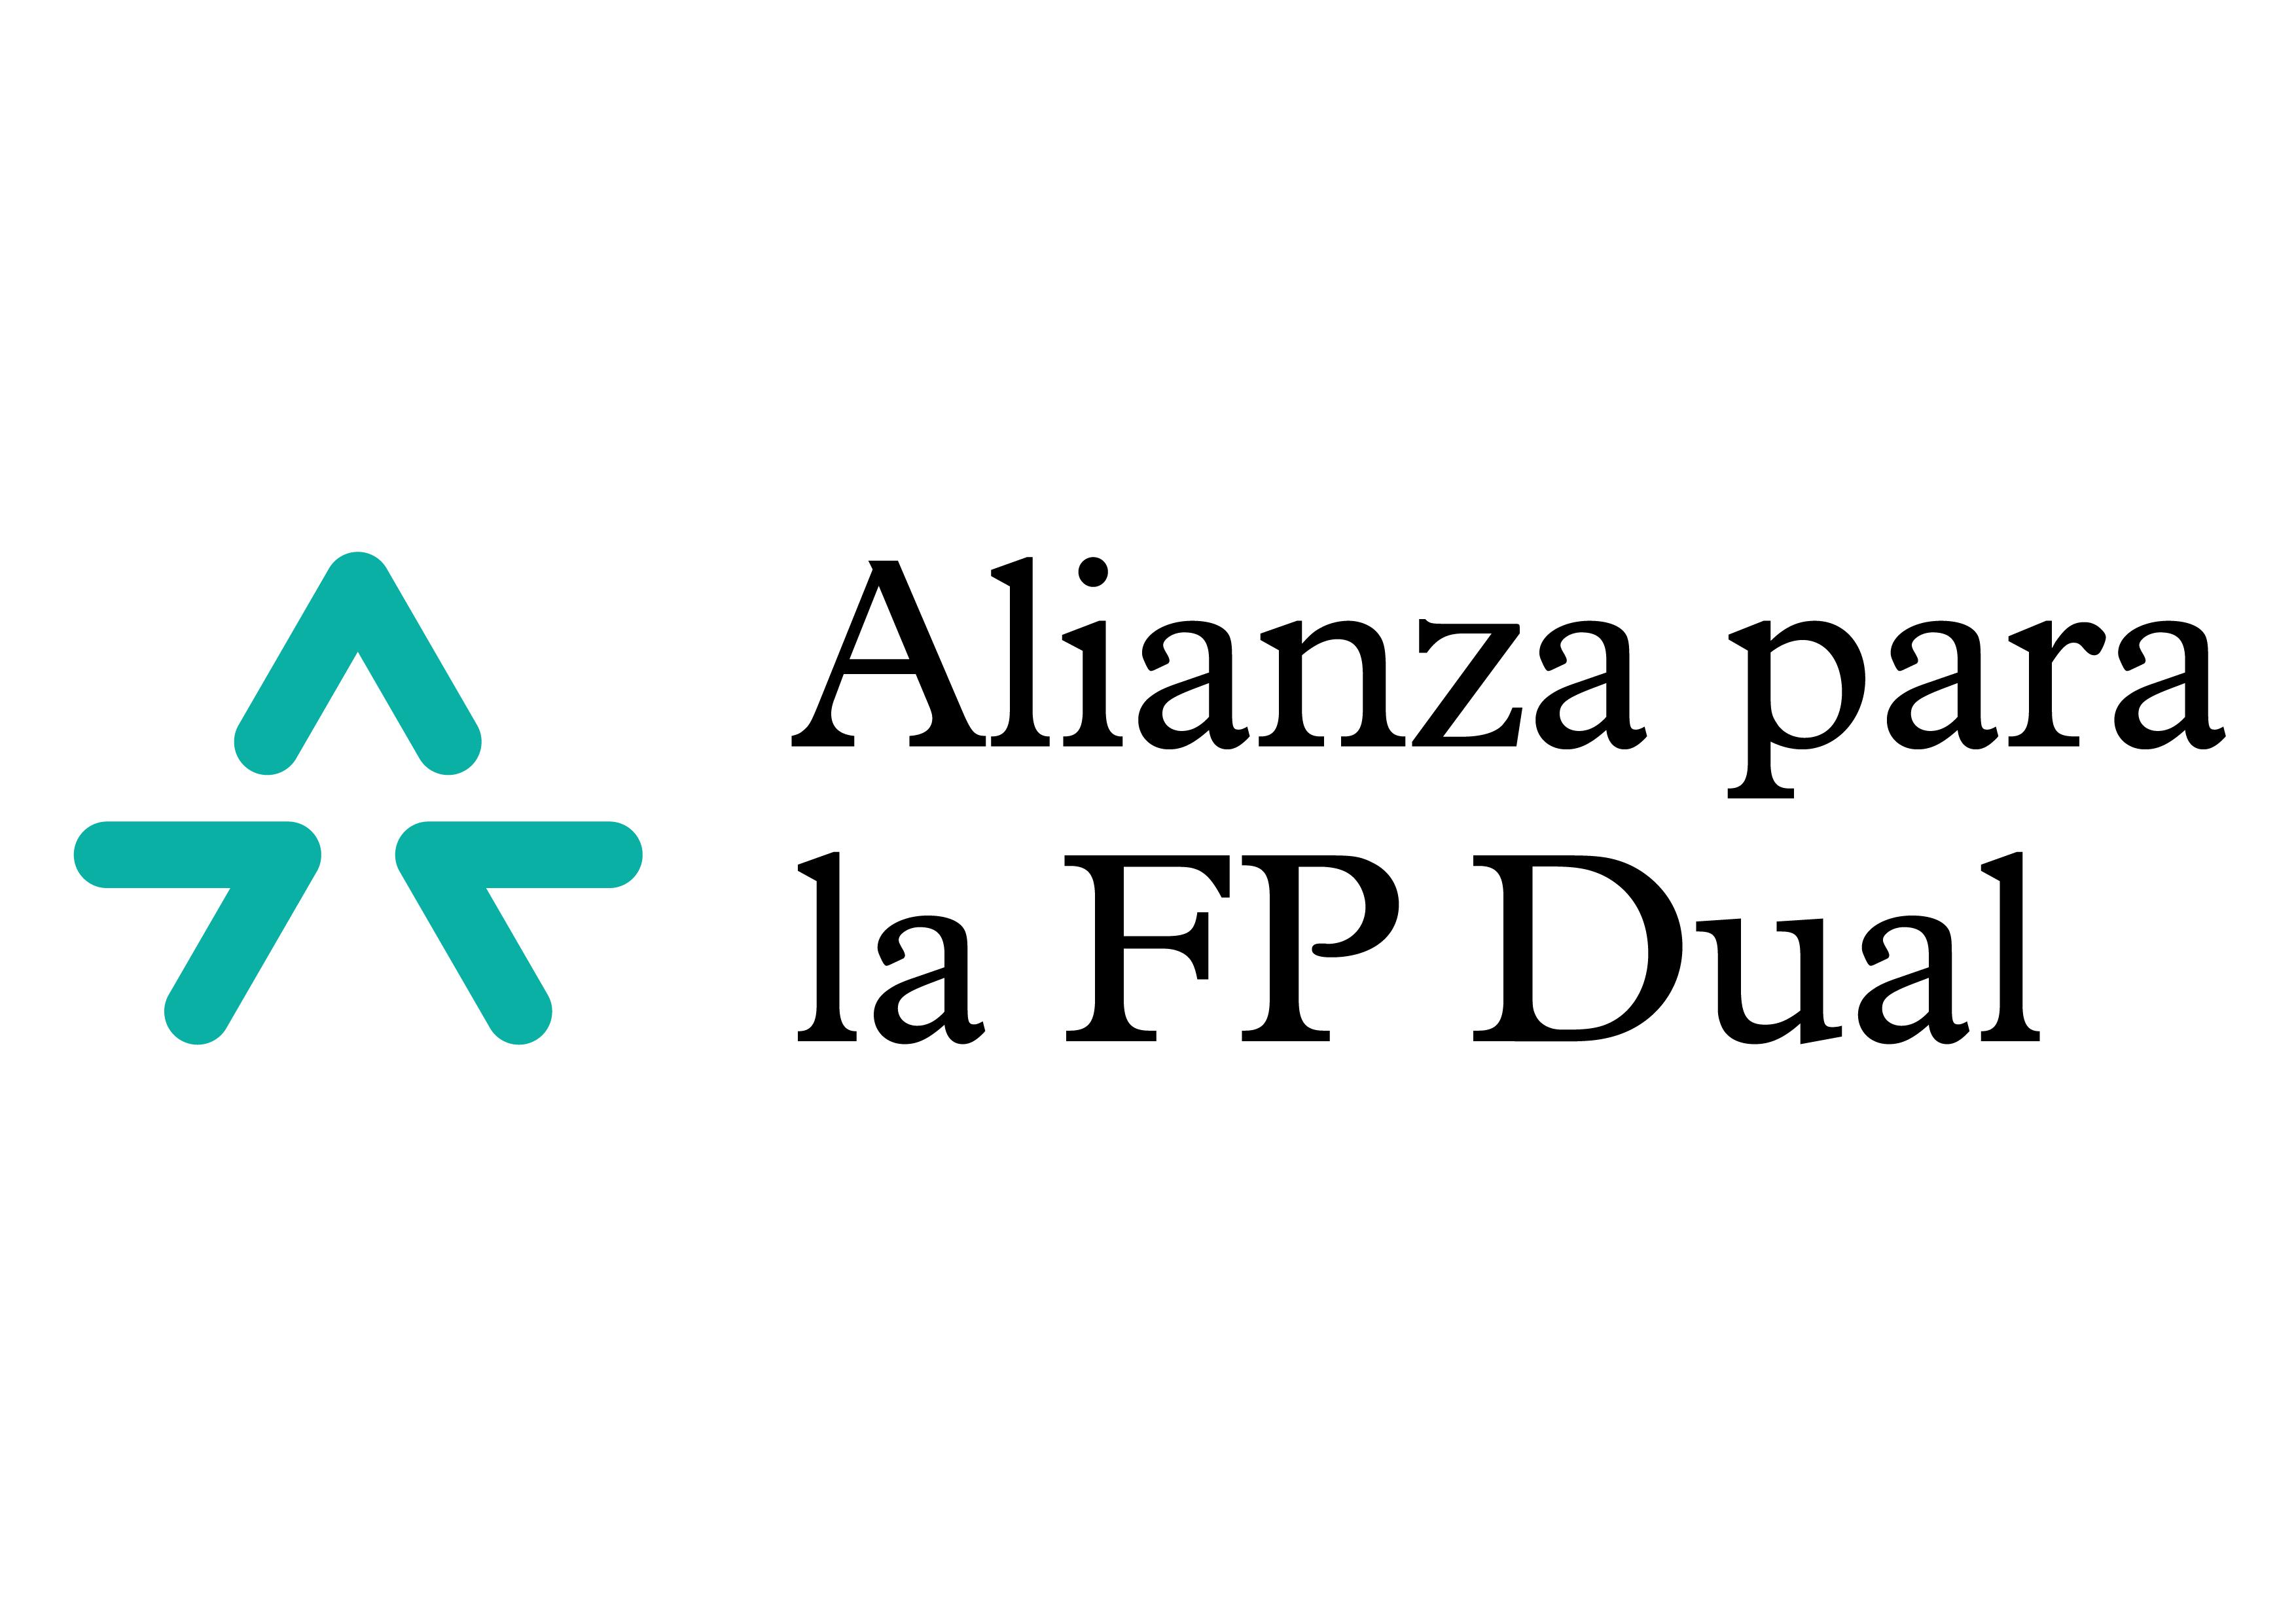 Logotipo Alianza fpdual2